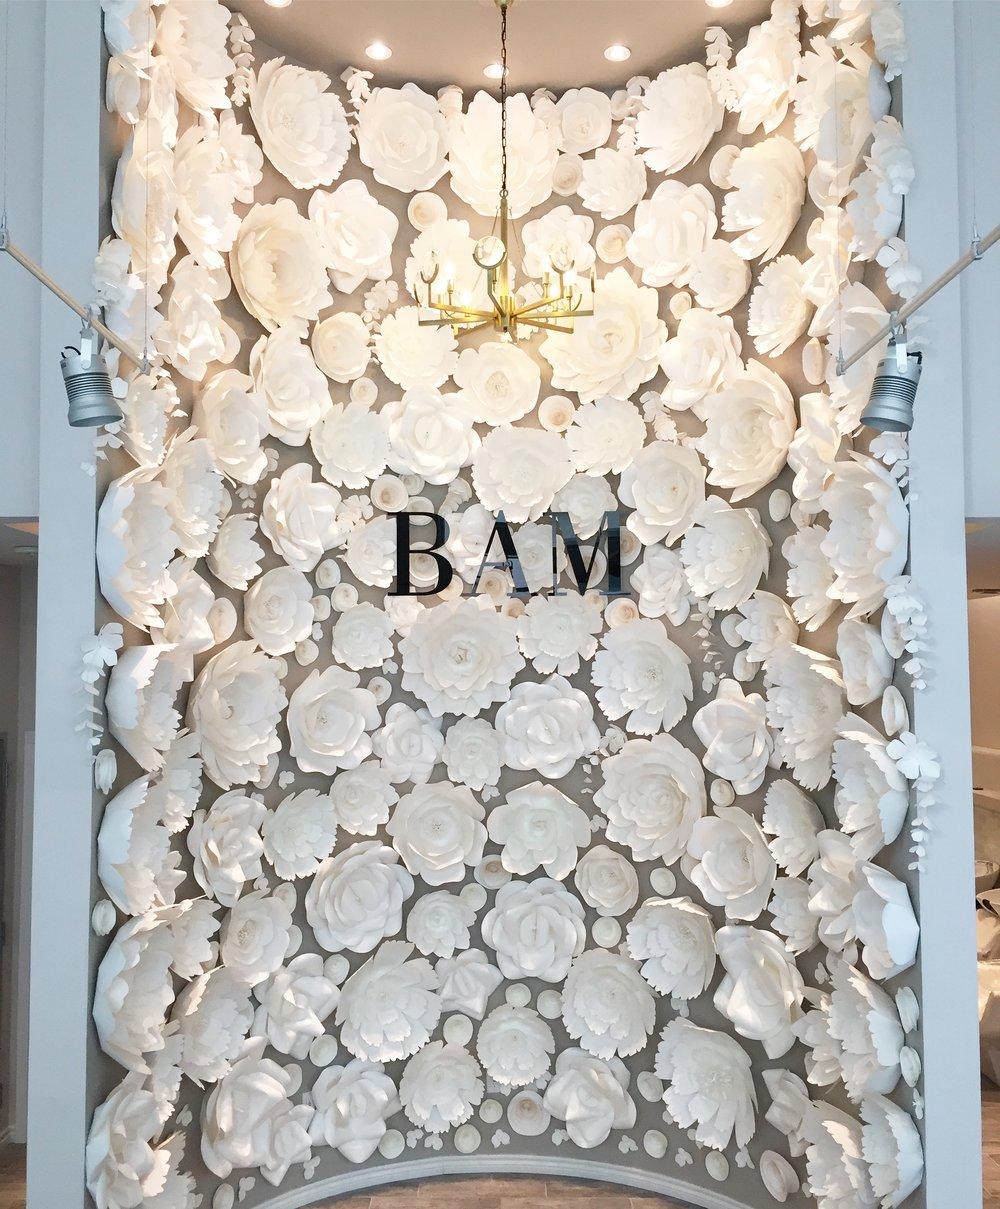 BAM Paper Flower Wall